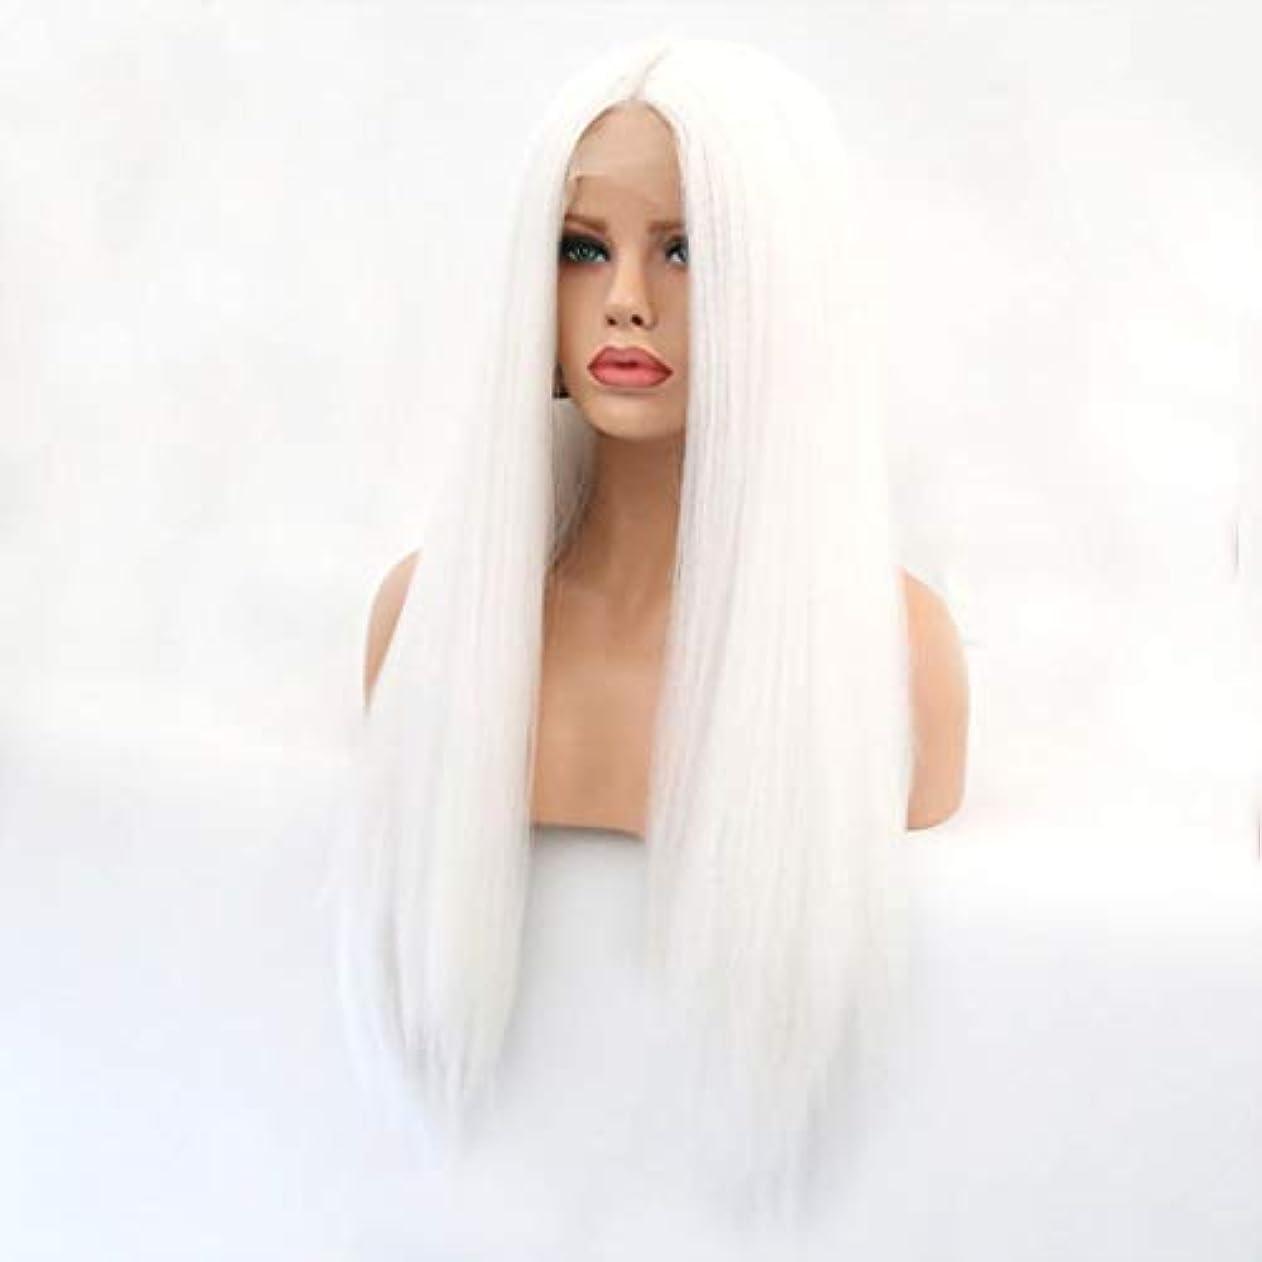 立法考えるロビーSummerys 本物の髪として自然な女性のためのフロントレースホワイトかつらロングストレートヘア